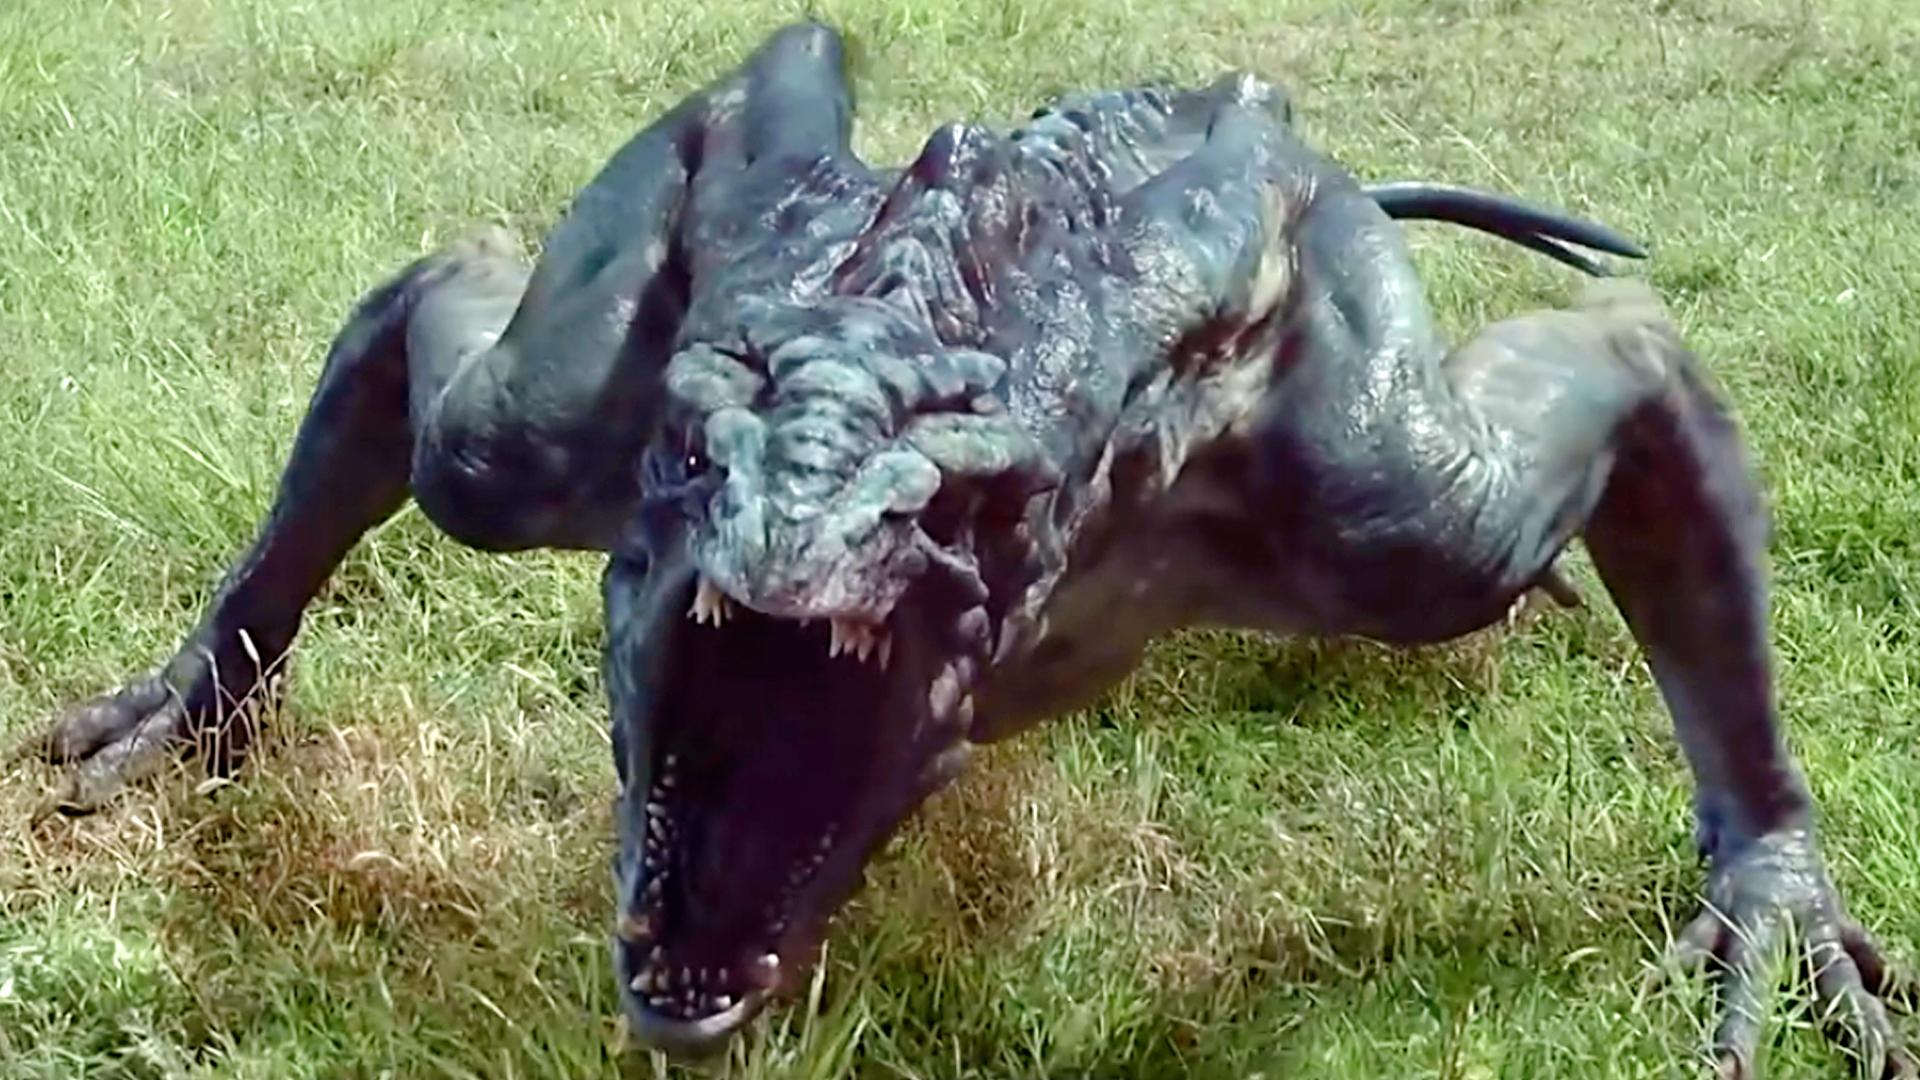 异兽来袭:外星陨石坠落地球,没想到竟从里面跑出了一只怪物